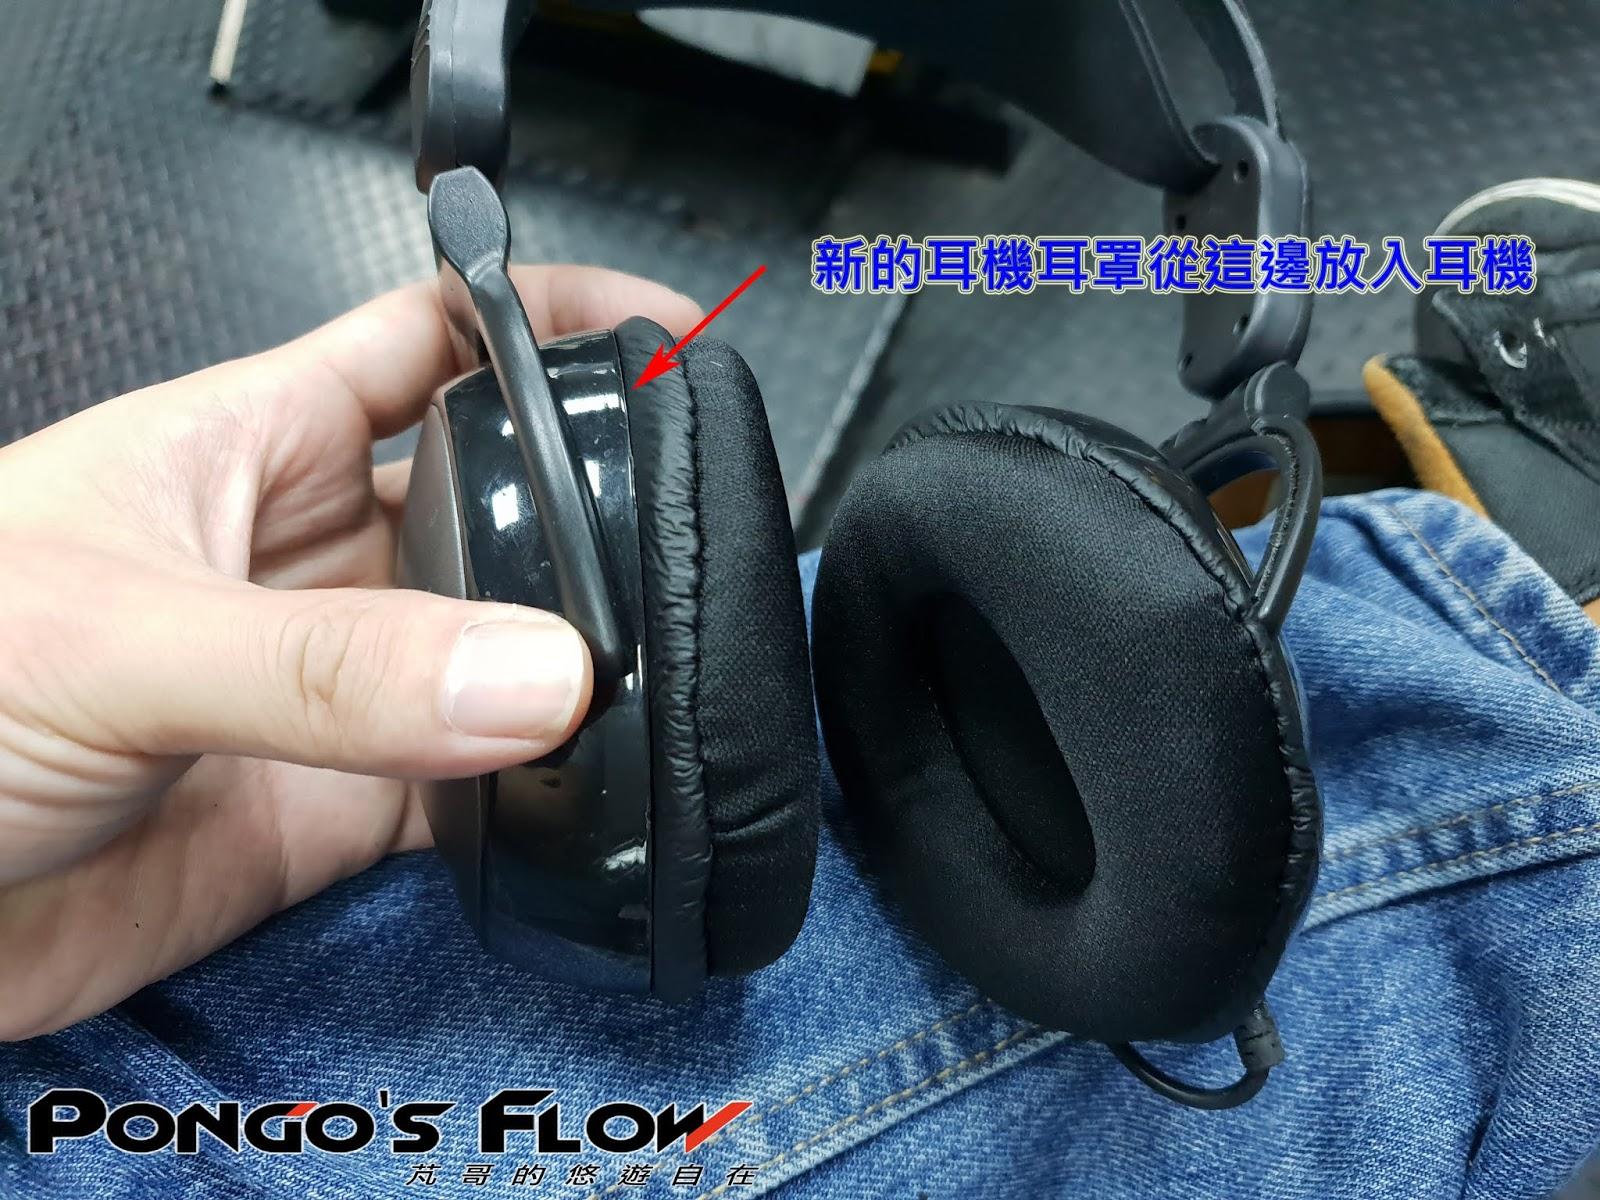 [其他維修]耳機線接頭壞了怎麼辦?當然是自己修了! 3.5MM耳機接頭焊接和更換耳機耳罩教學